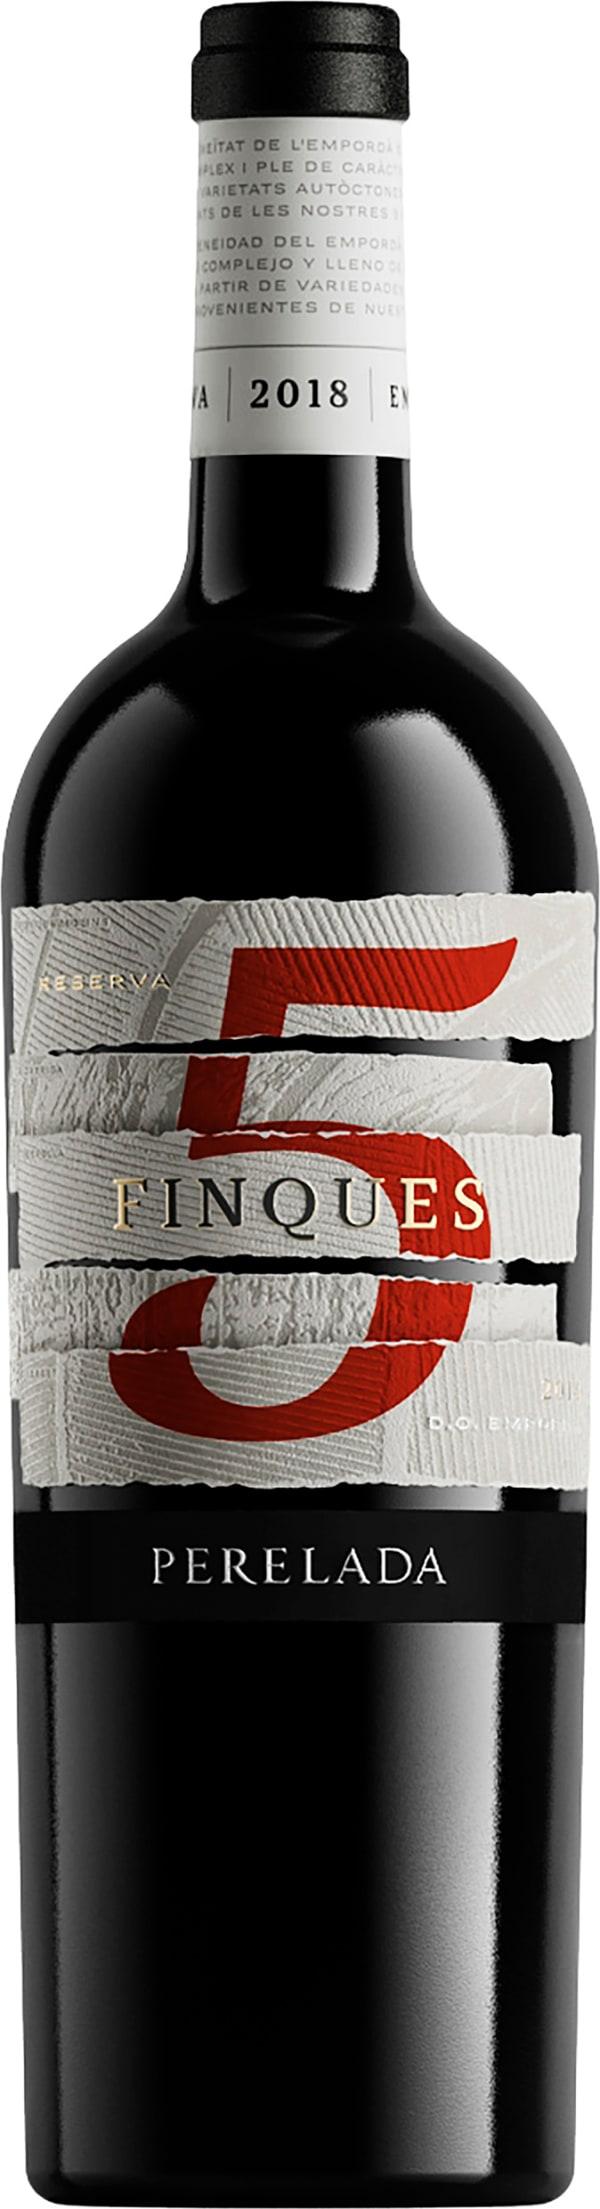 Perelada 5 Finques Reserva 2014